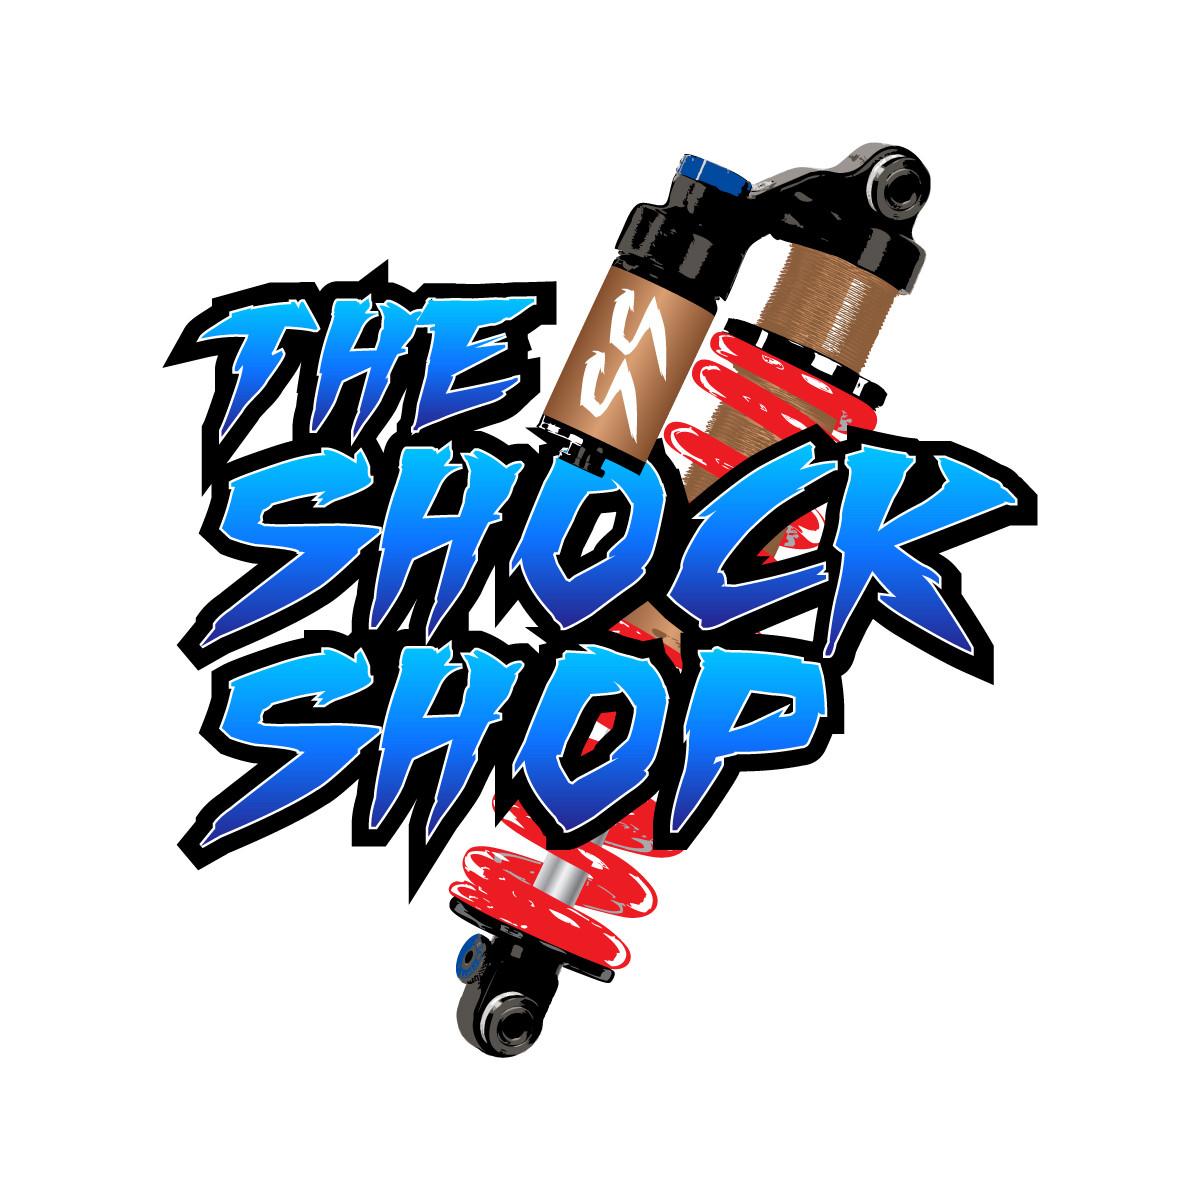 www.myshockshop.com